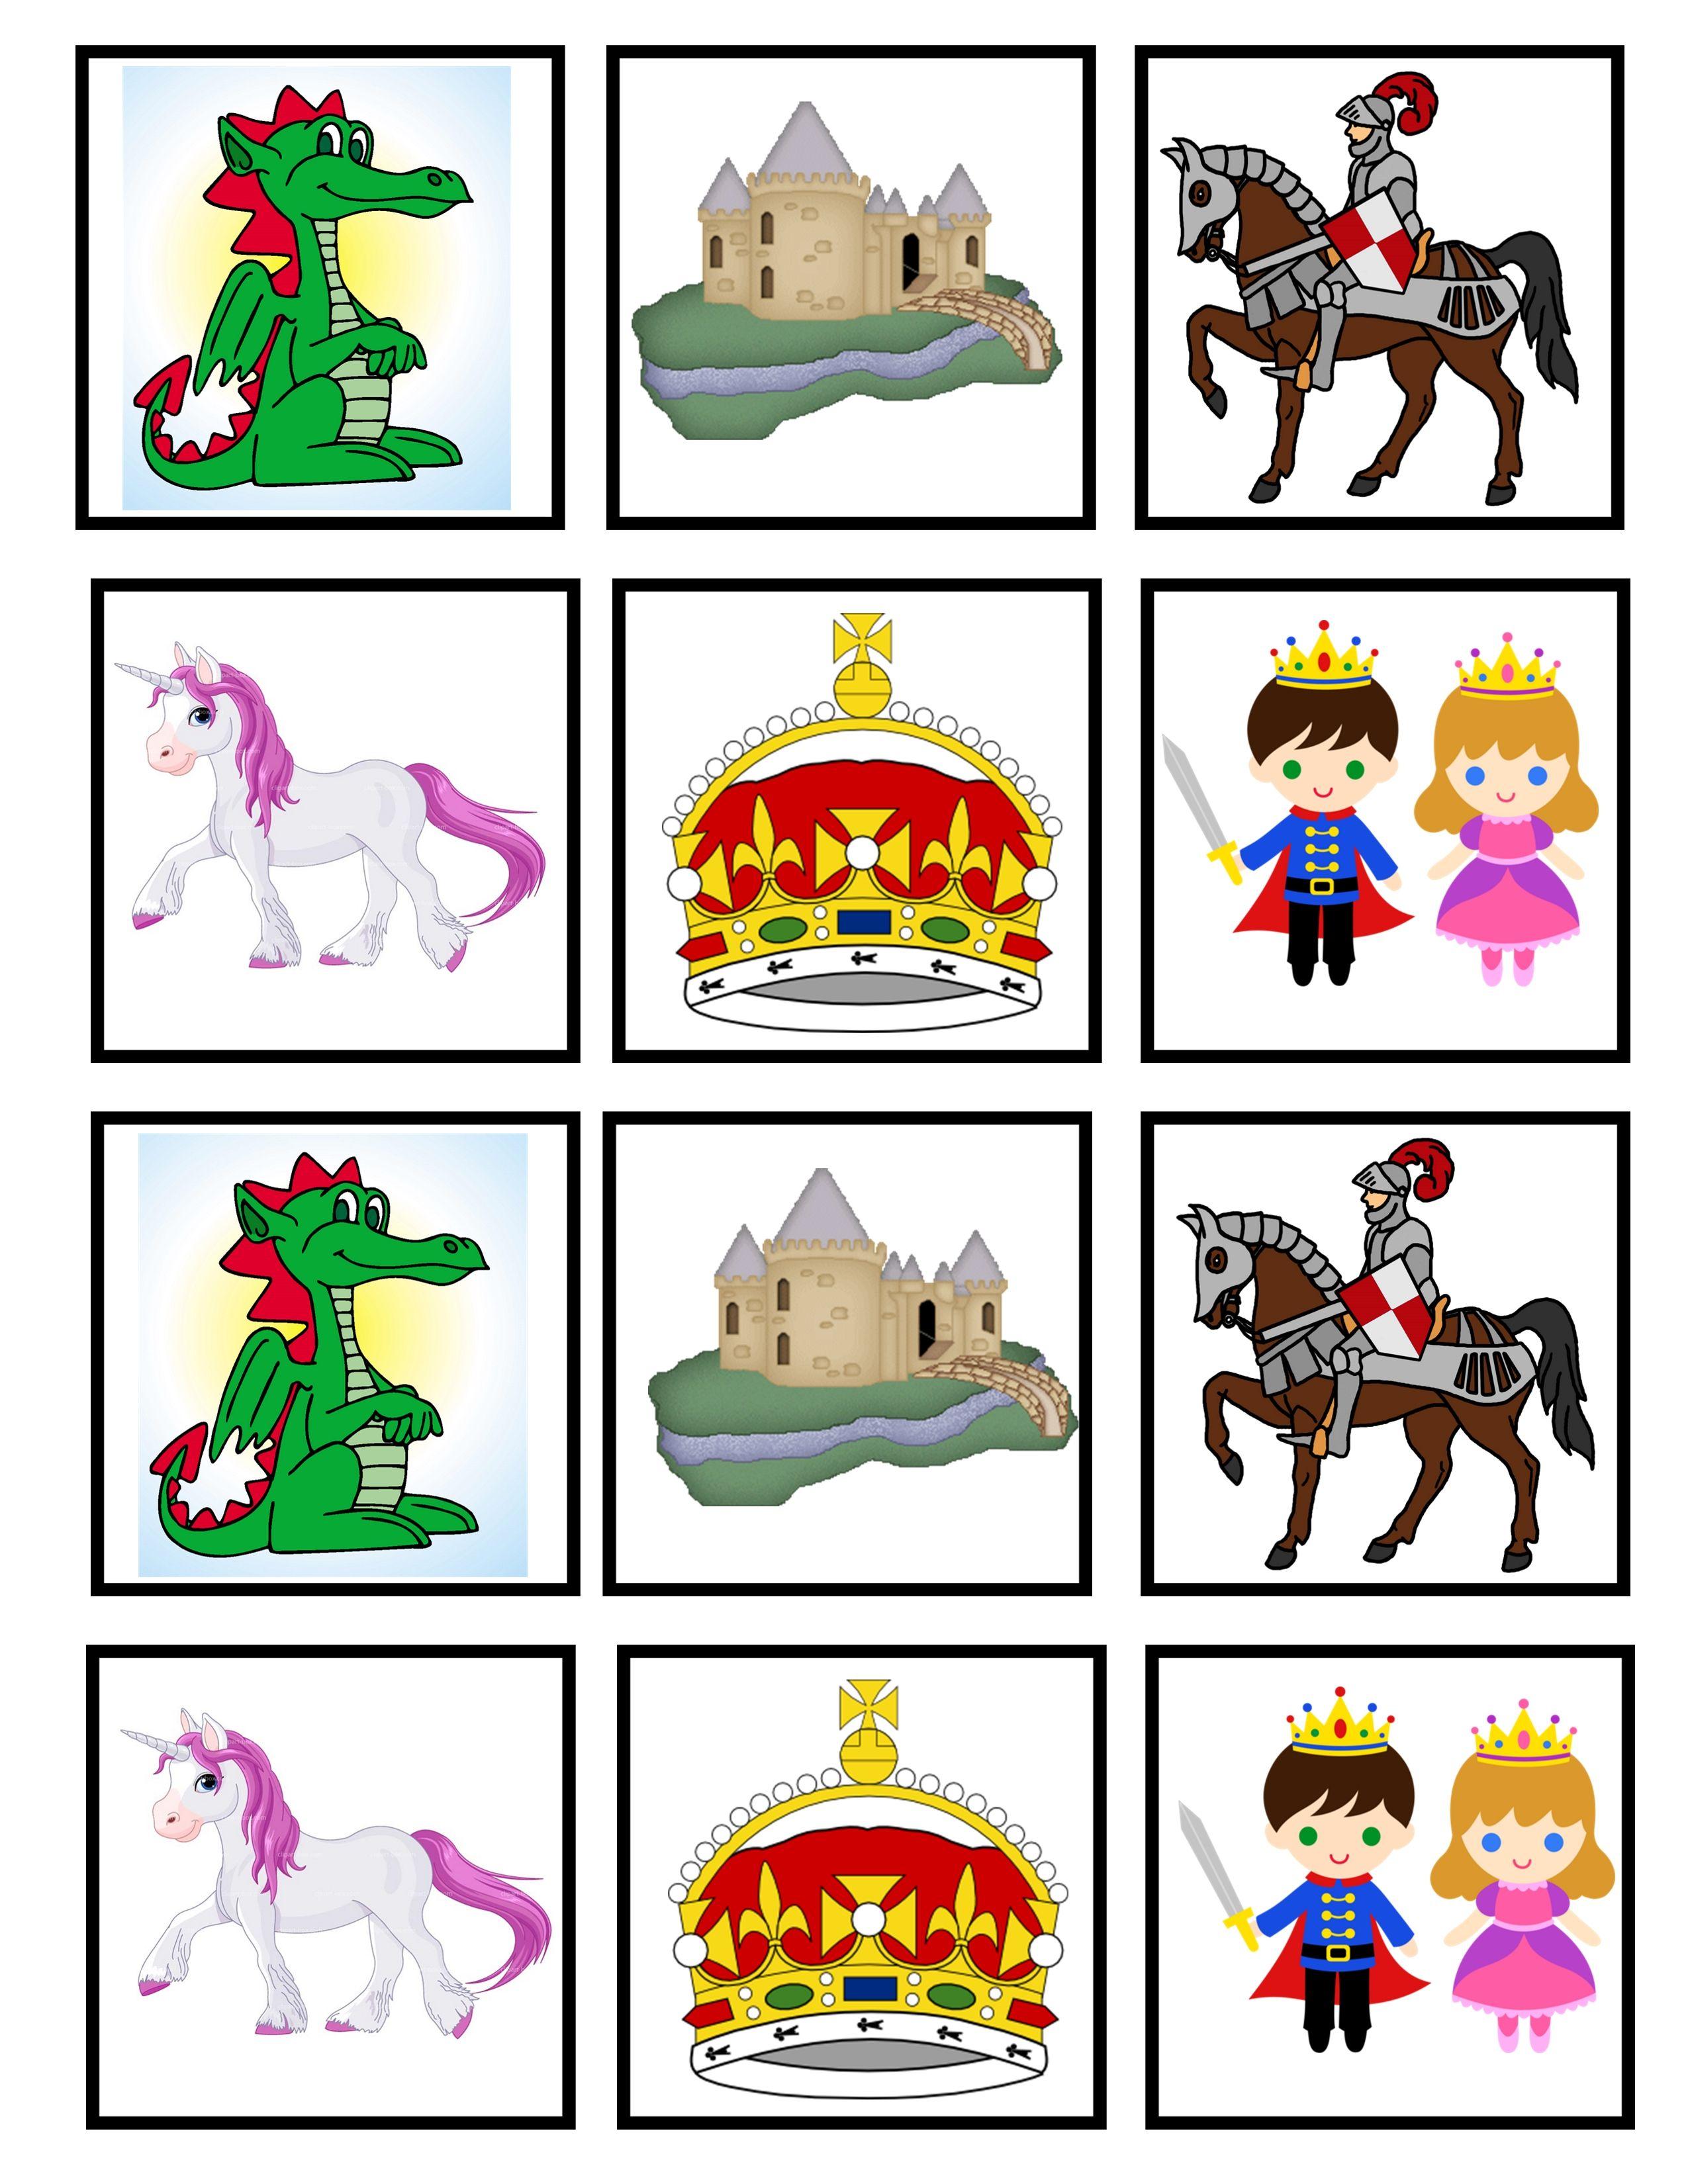 Memory game moyen ge pinterest jeux princesse chevaliers maternelle et chateau princesse - Image du moyen age a imprimer ...